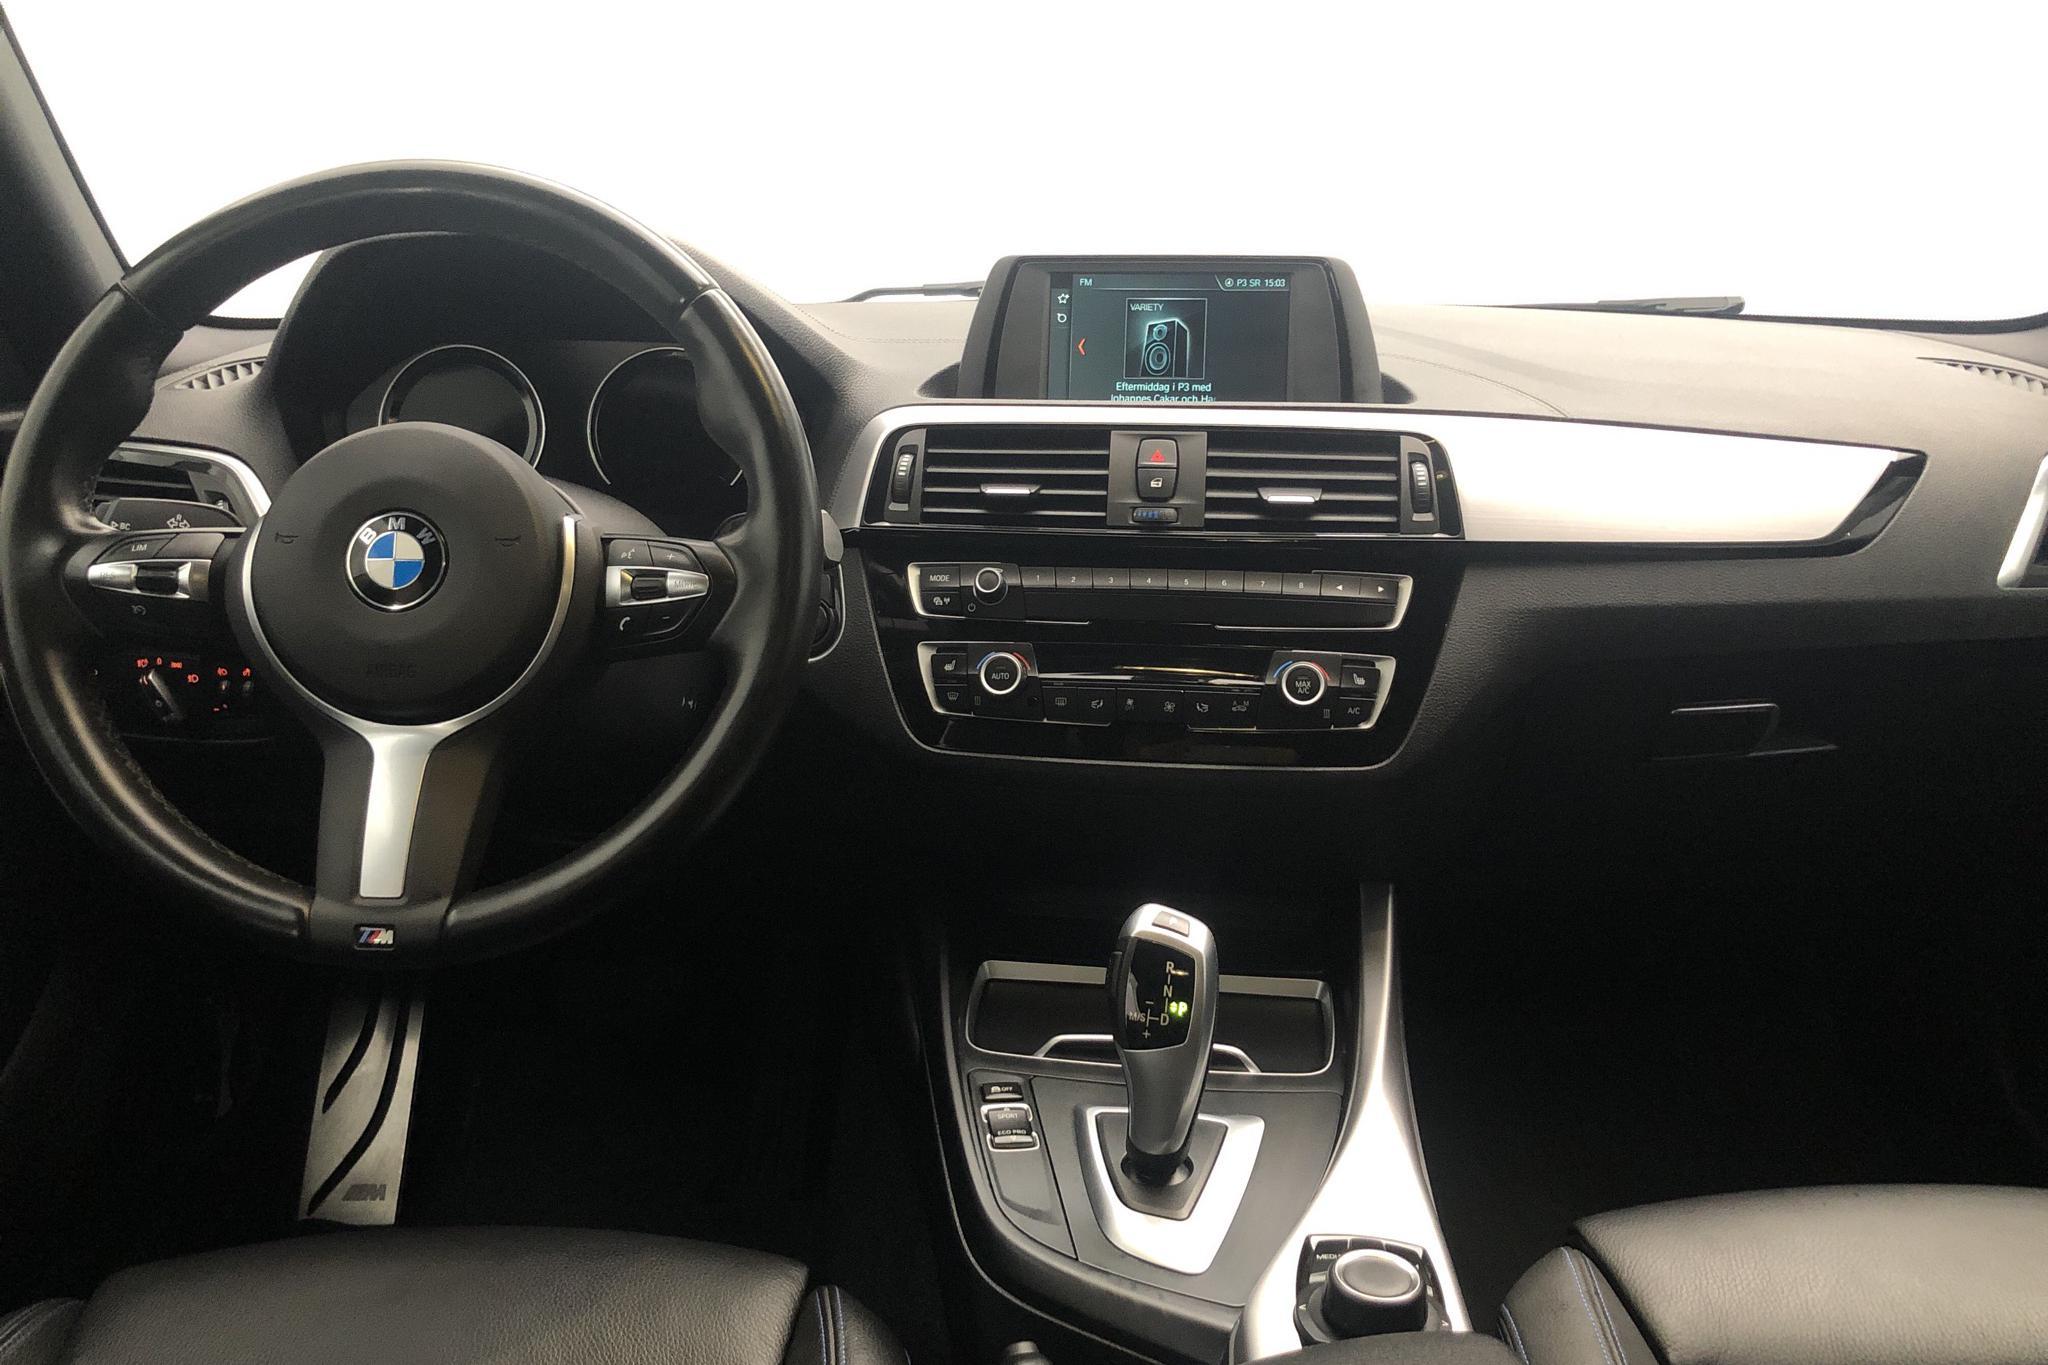 BMW 120i 5dr, F20 (184hk) - 49 110 km - Automatic - white - 2019